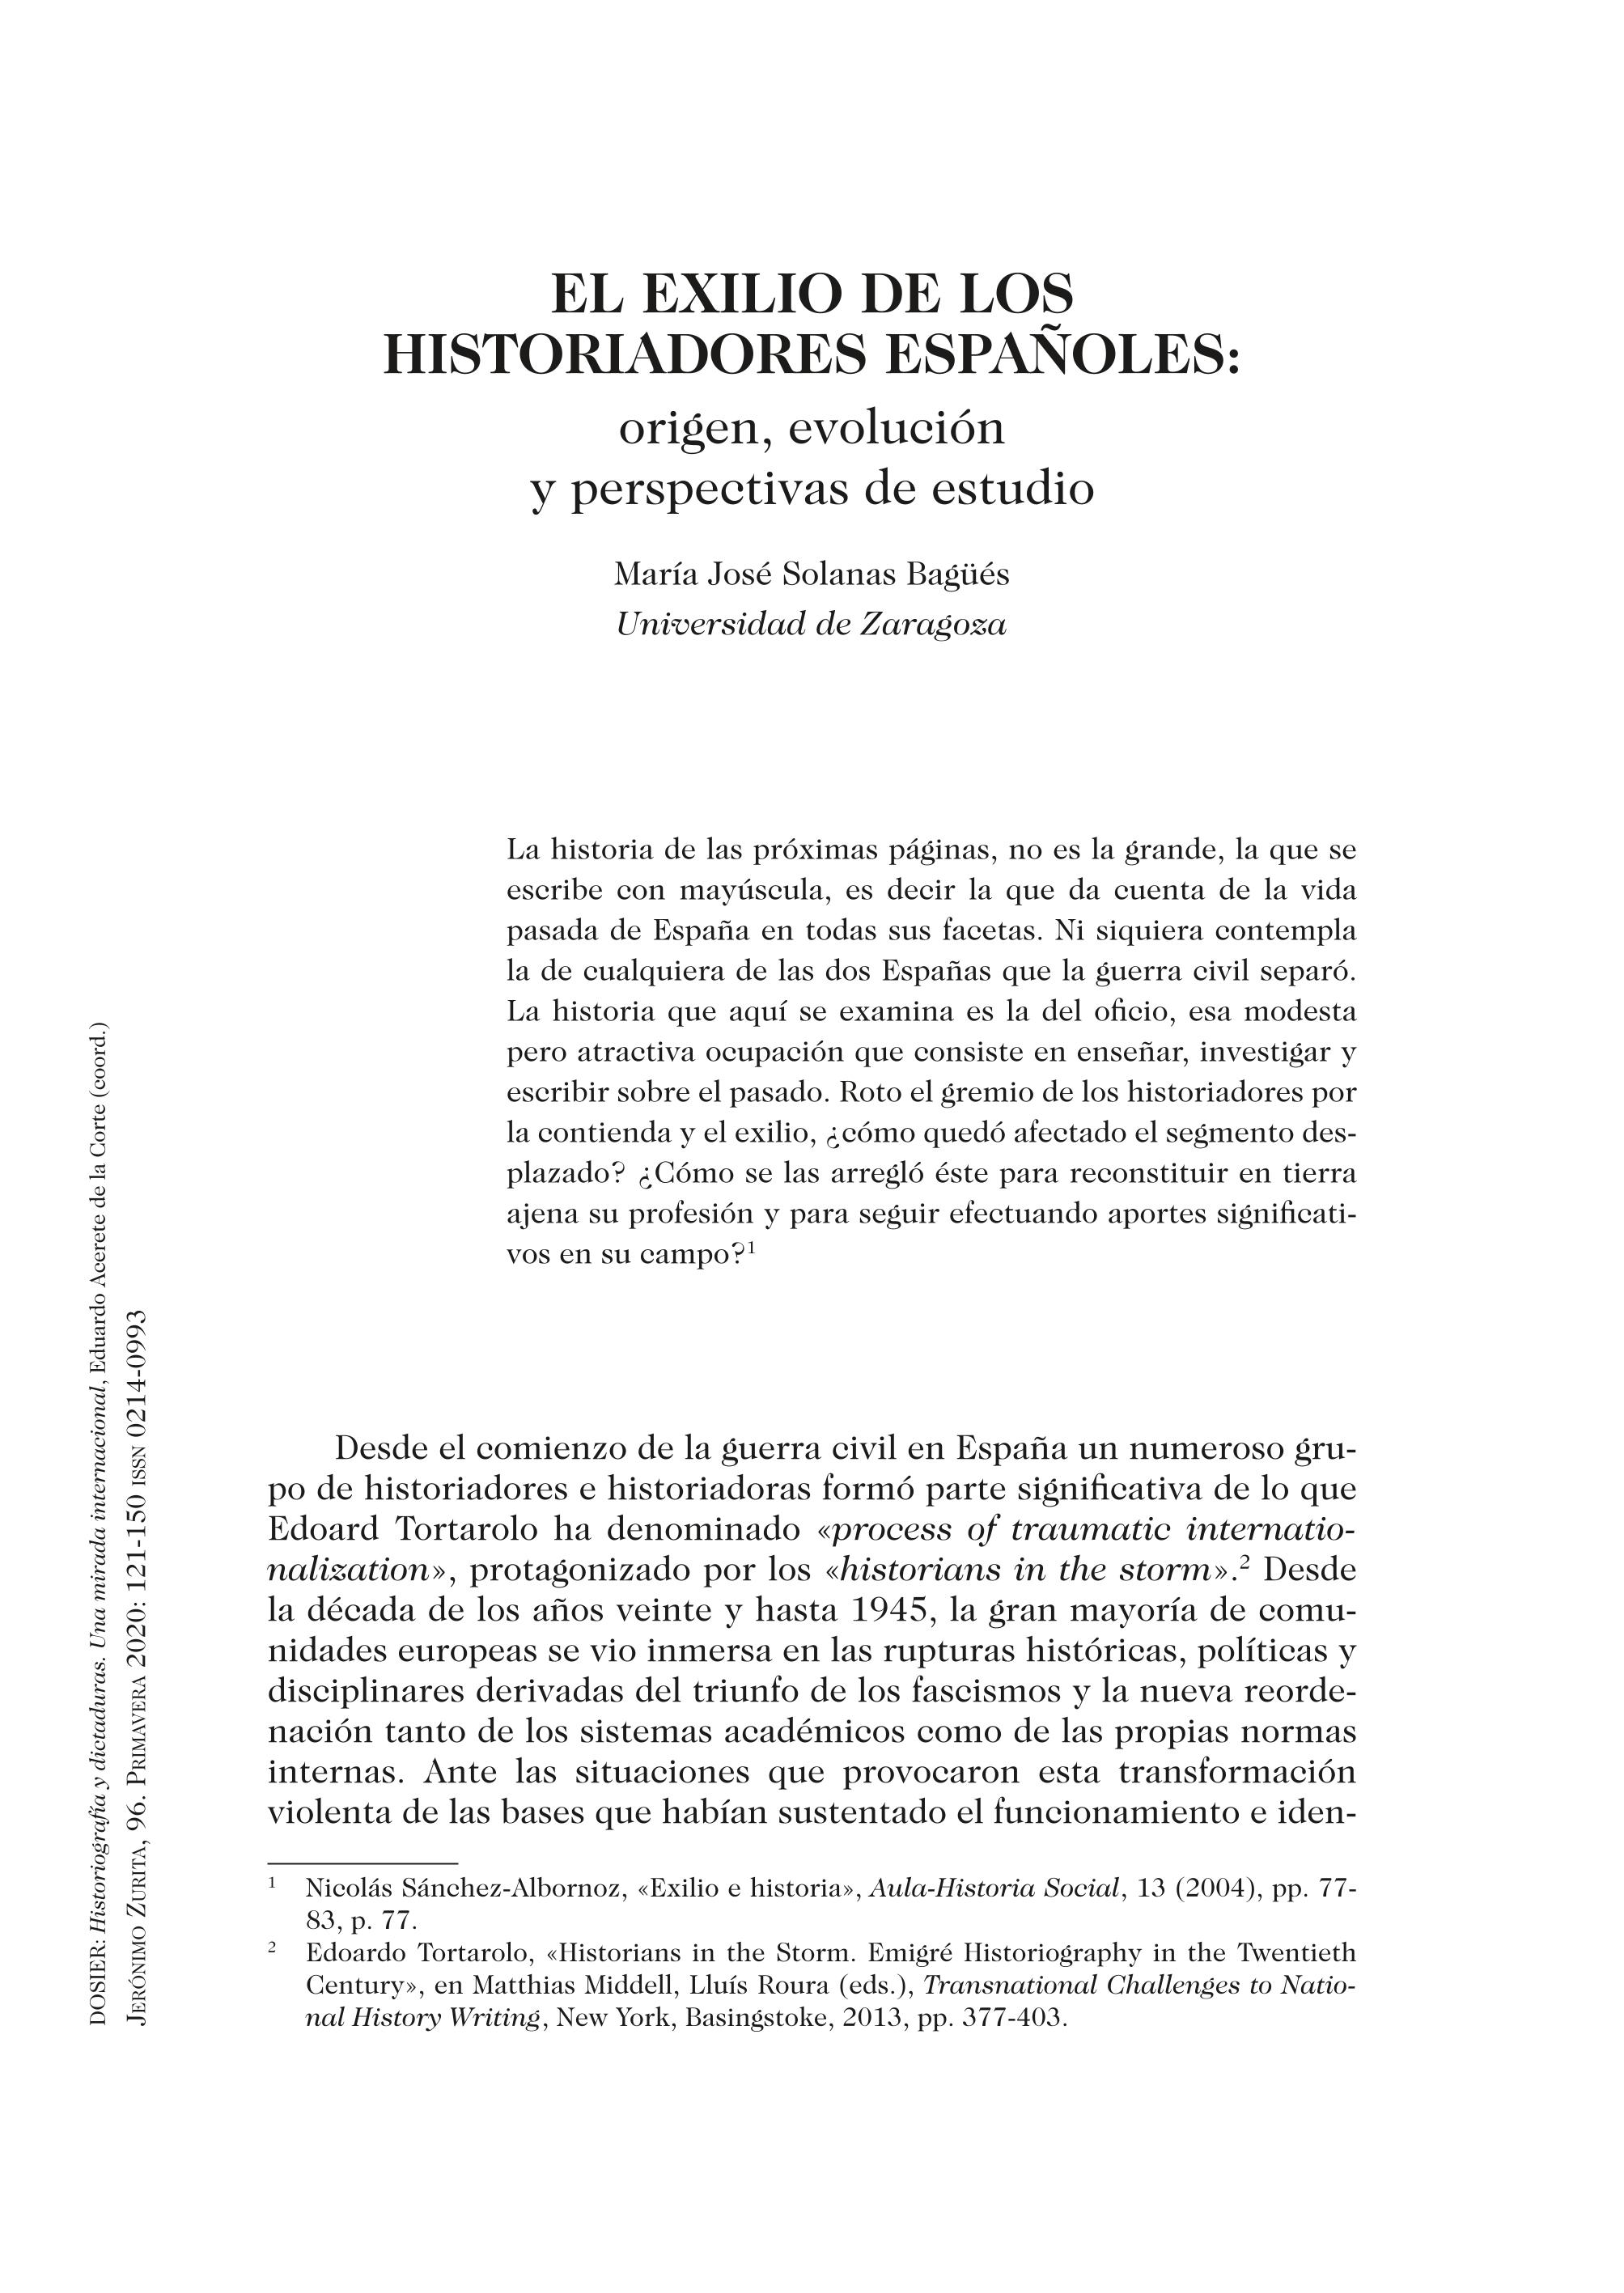 El exilio de los historiadores españoles: origen, evolución y perspectivas de estudio